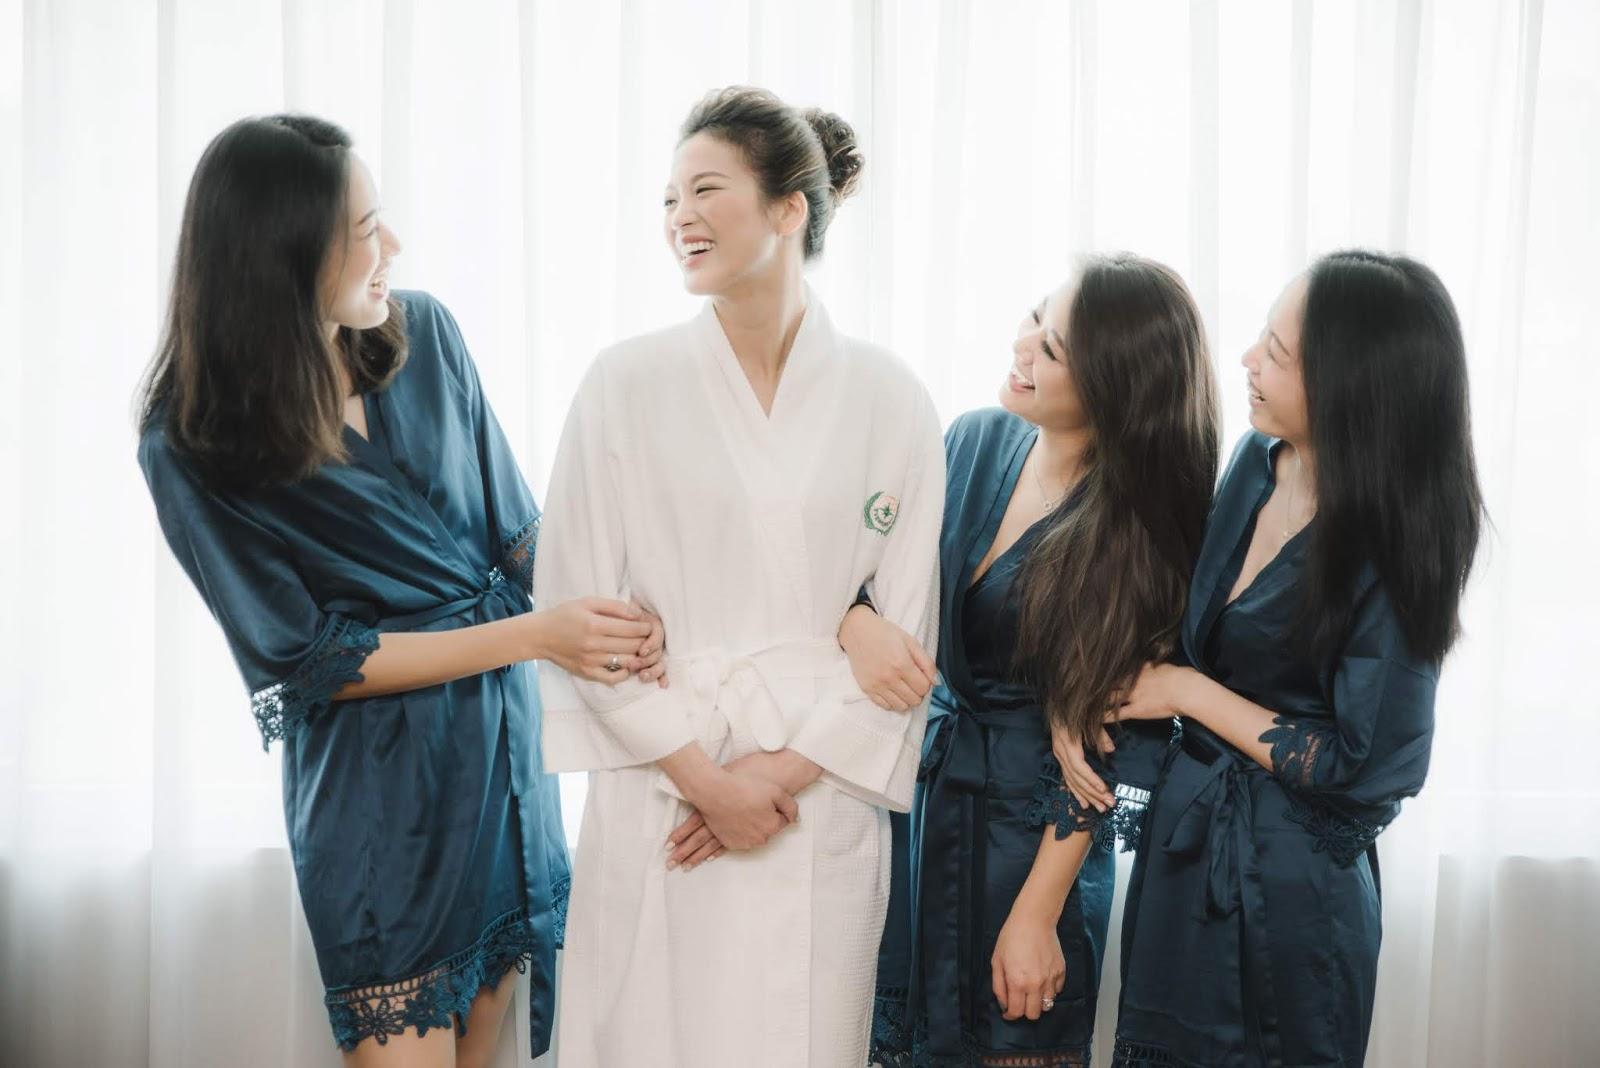 台中婚攝 婚攝推薦 長榮桂冠 evergreen-hotels 結婚午宴 M&C